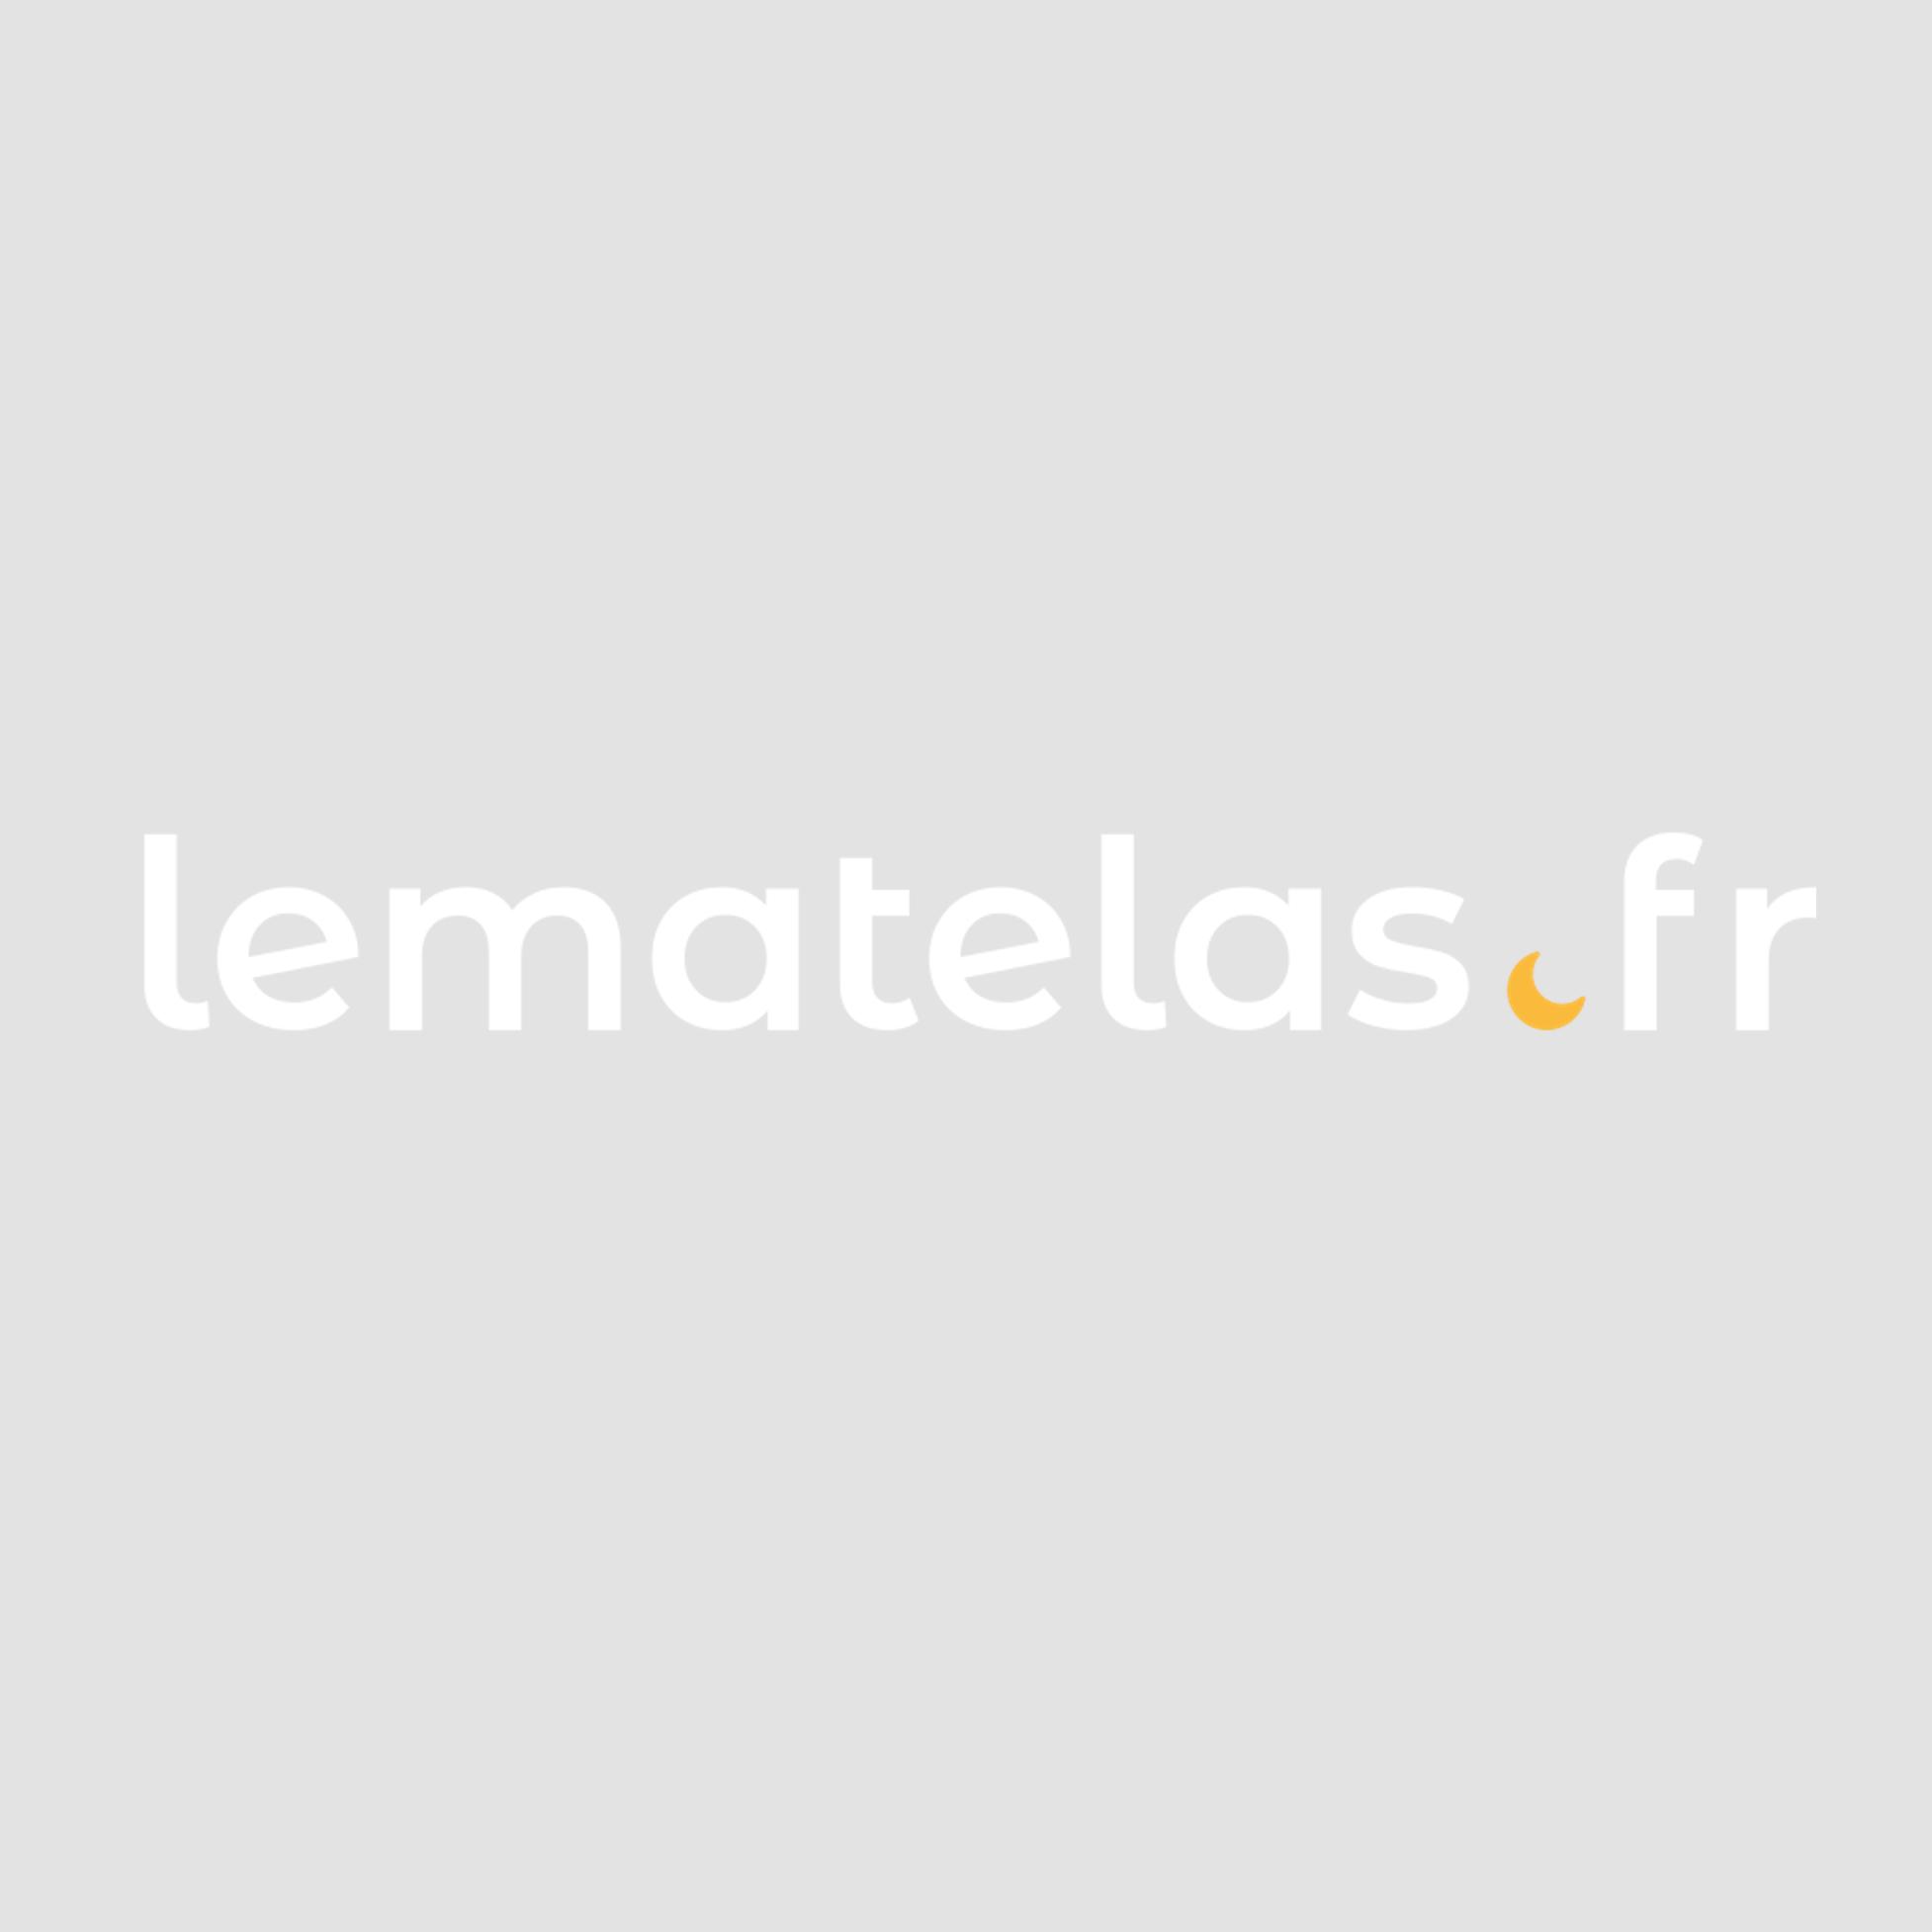 Terre de Nuit Drap housse orange terracotta TPR jersey extensible 2x70x190